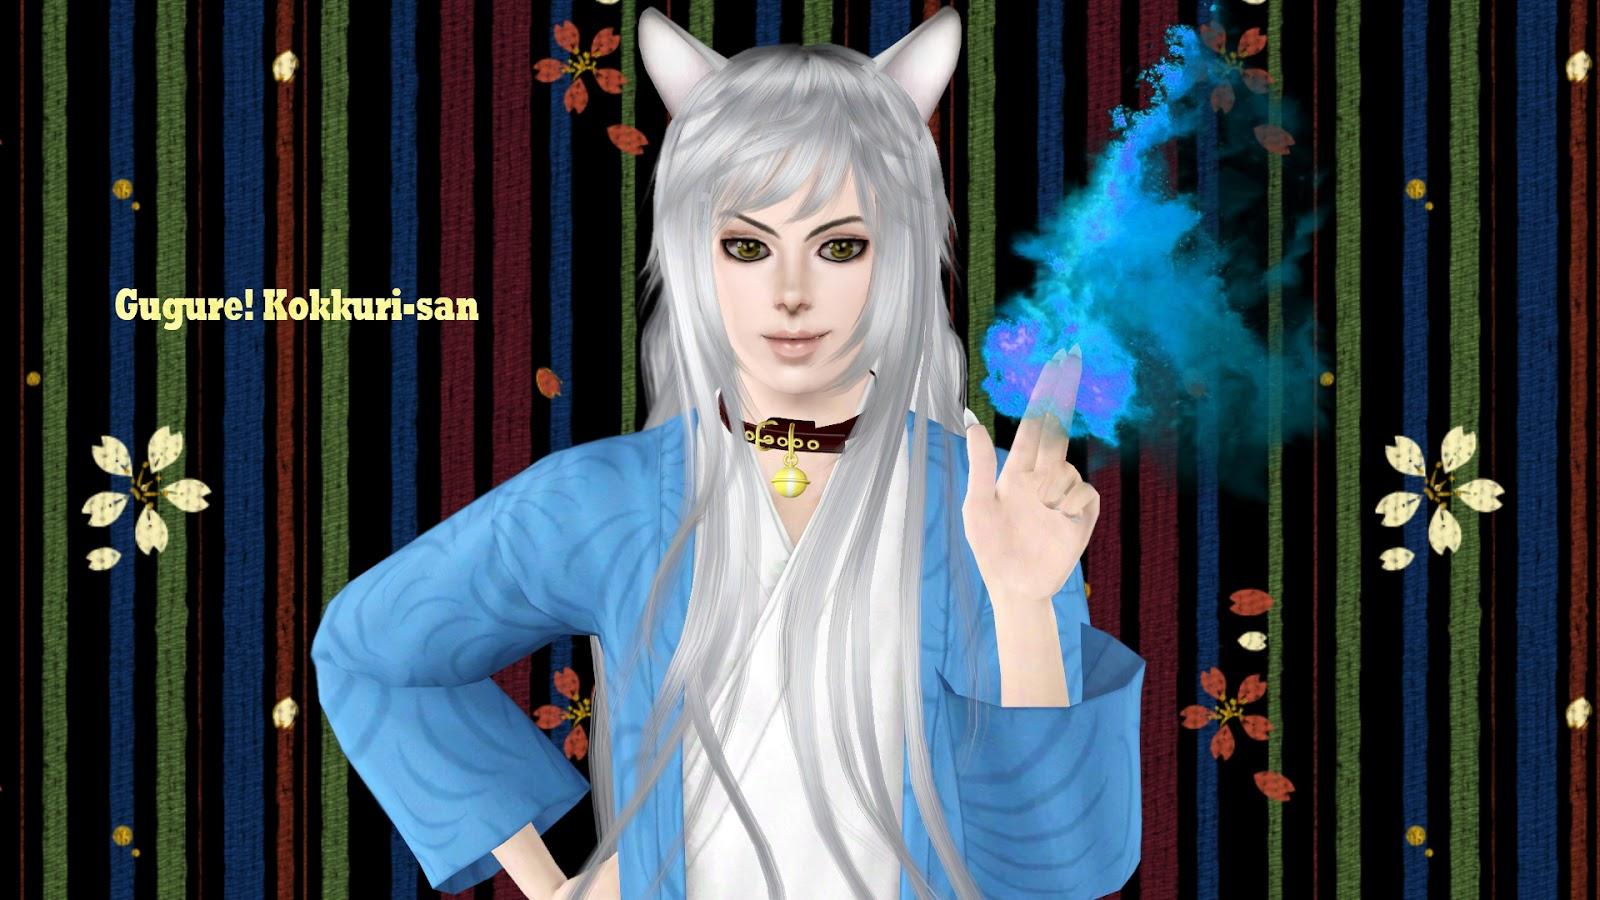 Sims 4 Anime Characters Mod : Ng sims kokkuri san anime